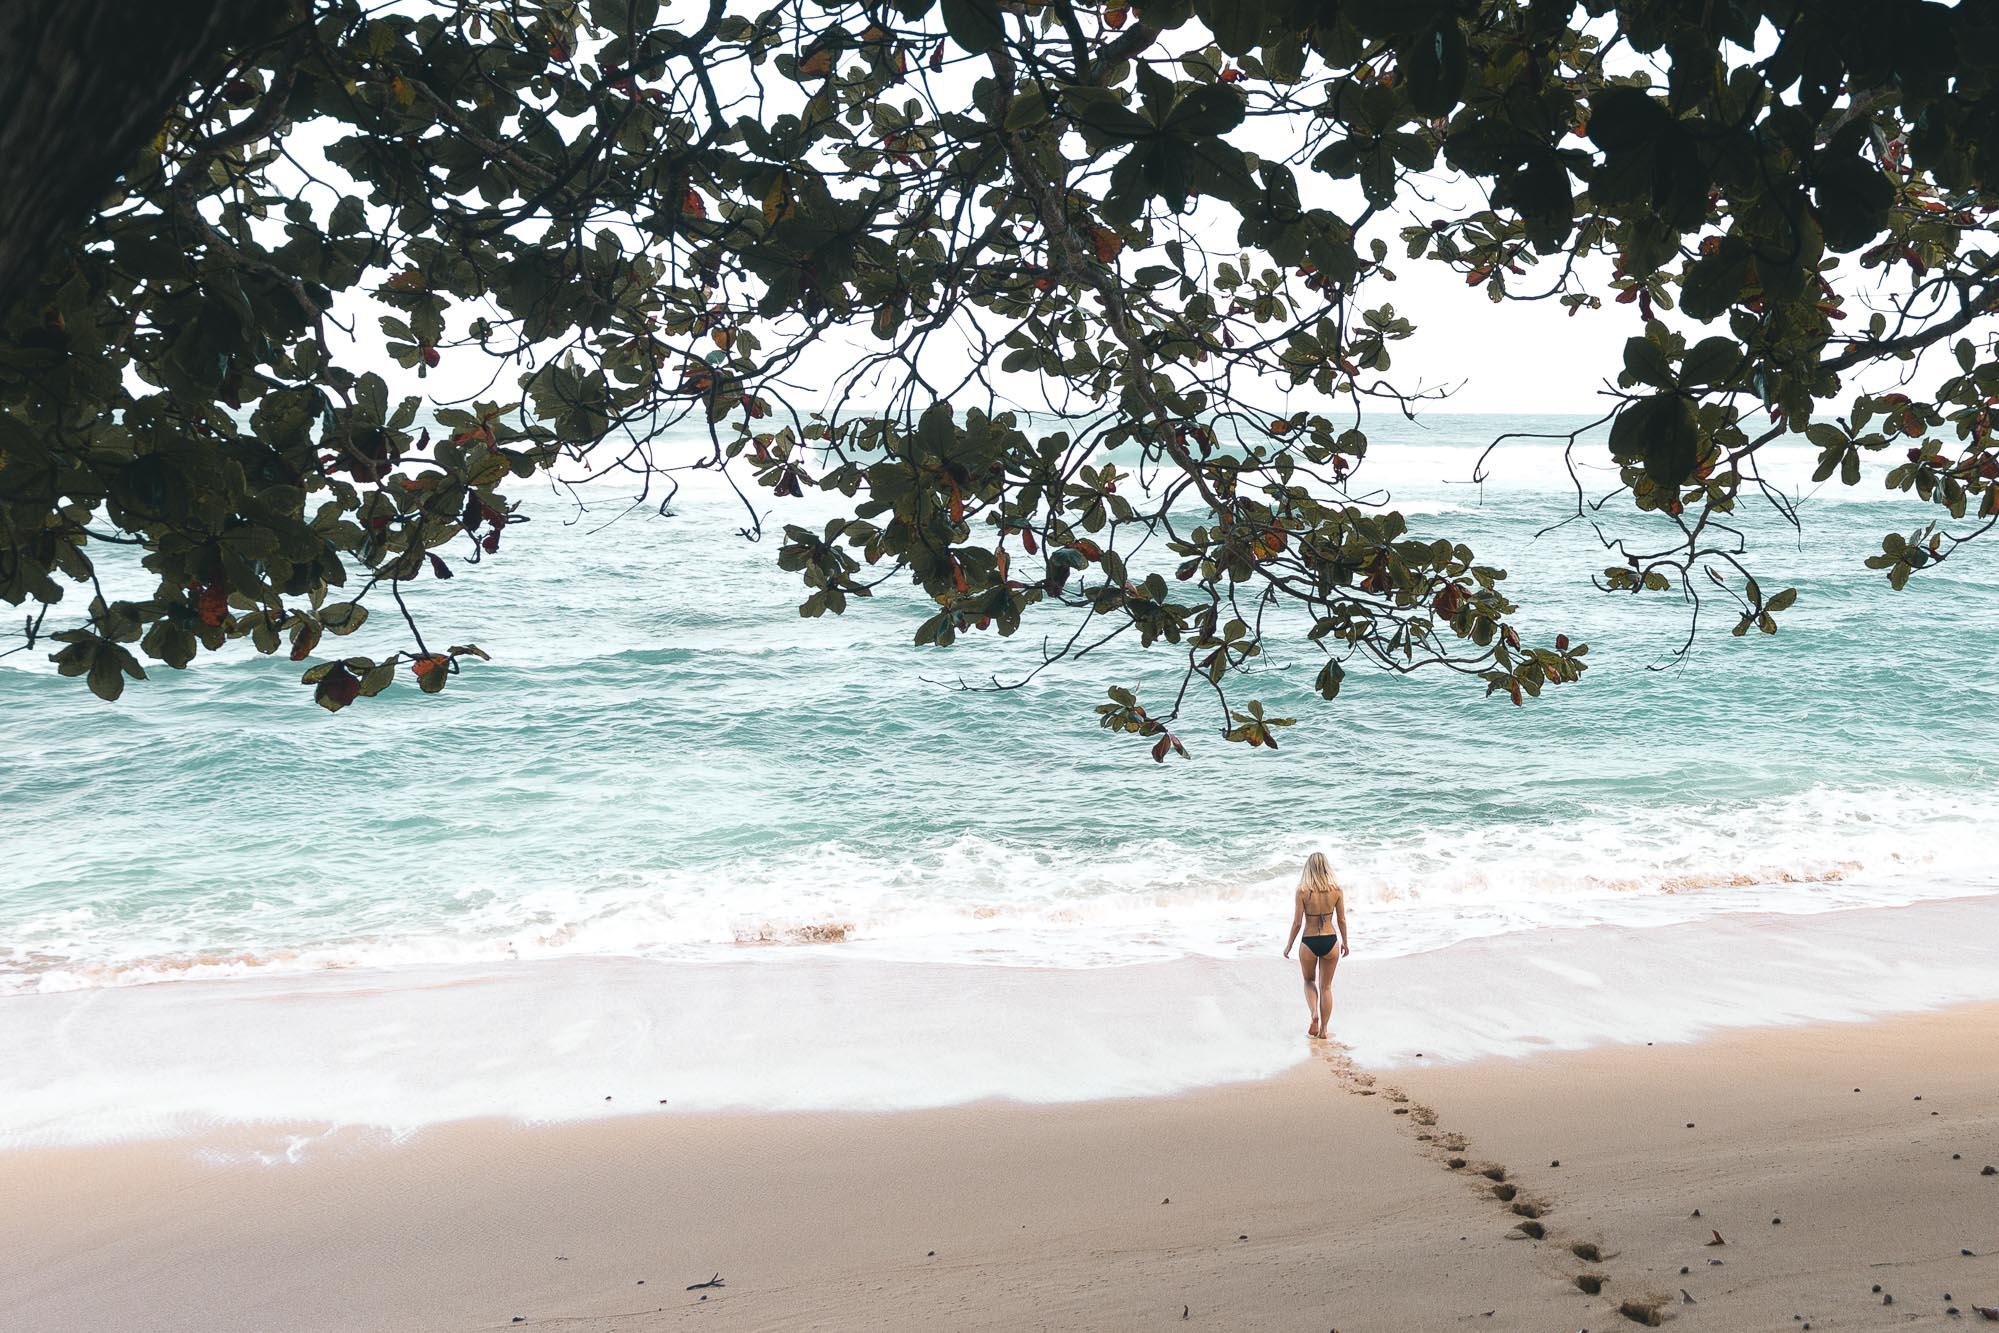 Hideaways Beach in Hanalei Hawaii Kauai Travel Guide via Find Us Lost Selena Taylor